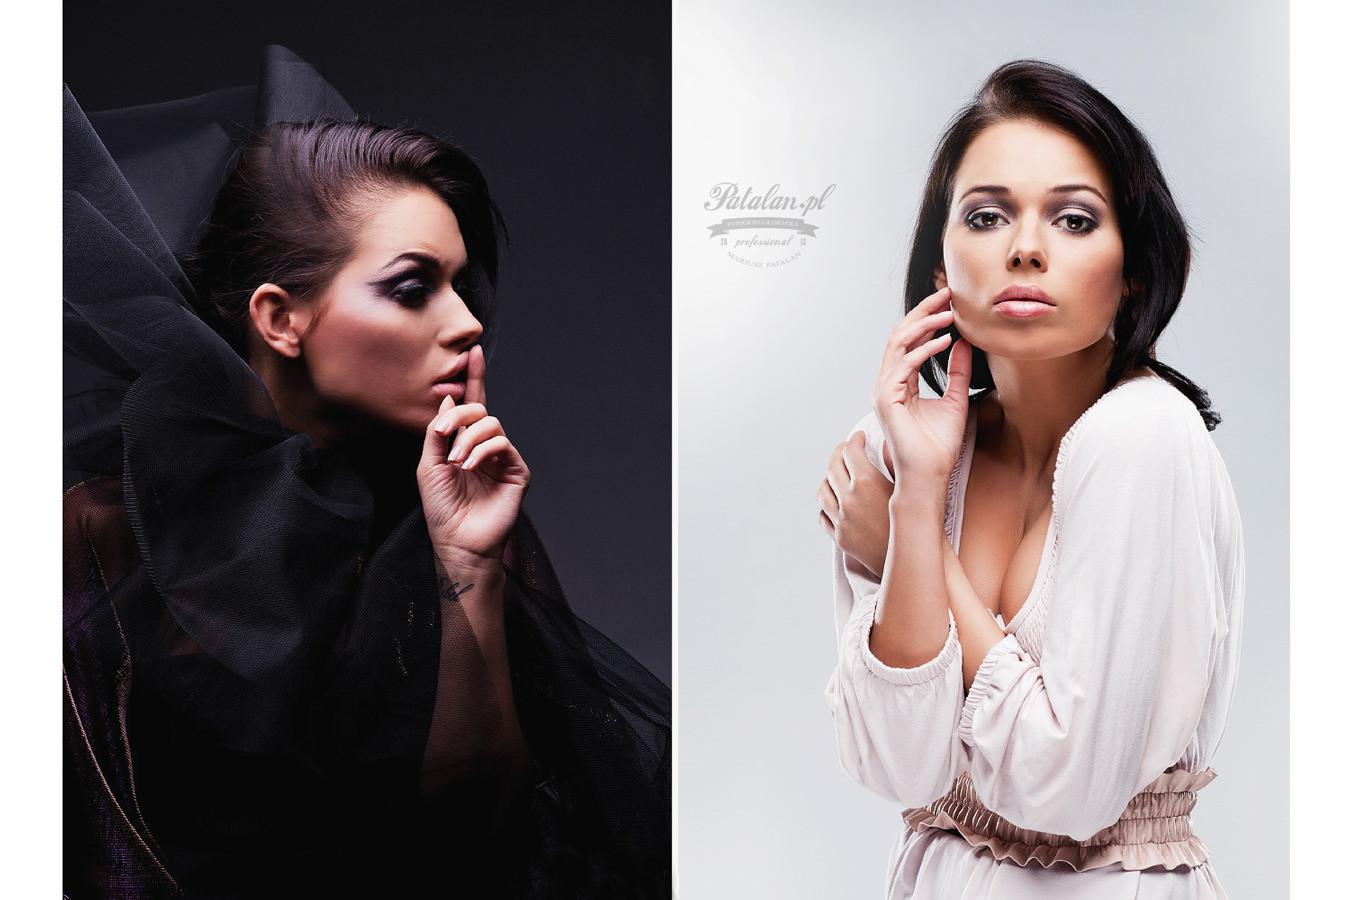 seksowna modelka, zmysłowa sesja, senualna sesja zdjęciowa, piękny portret, zdjęcia w studio, modelka w   spodenkach